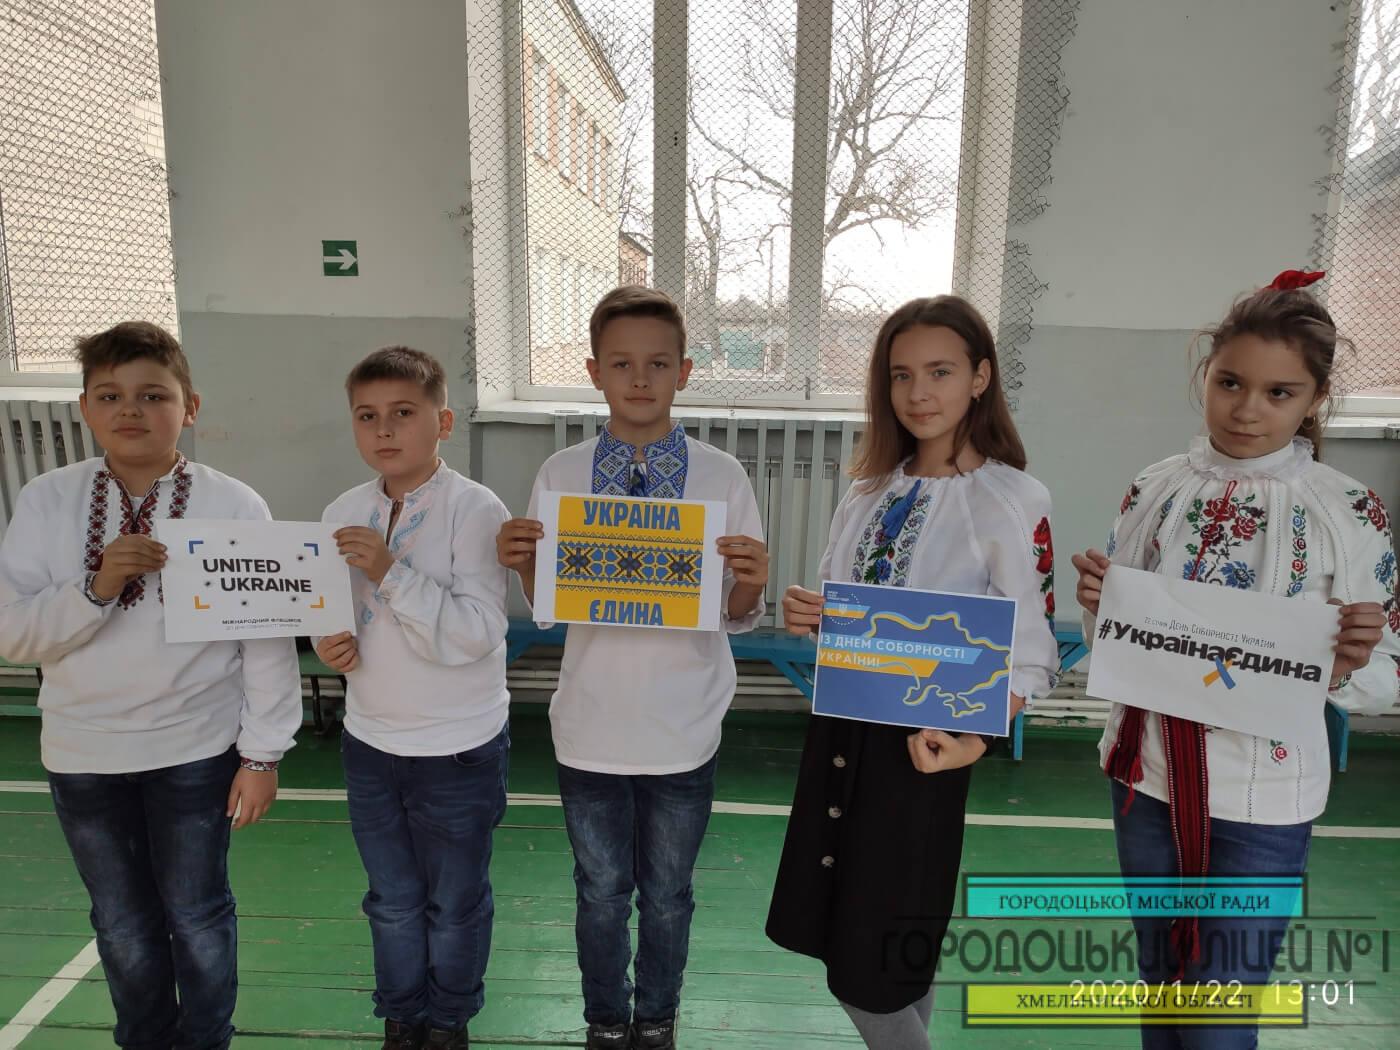 IMG 20200122 130151 - День Соборності України